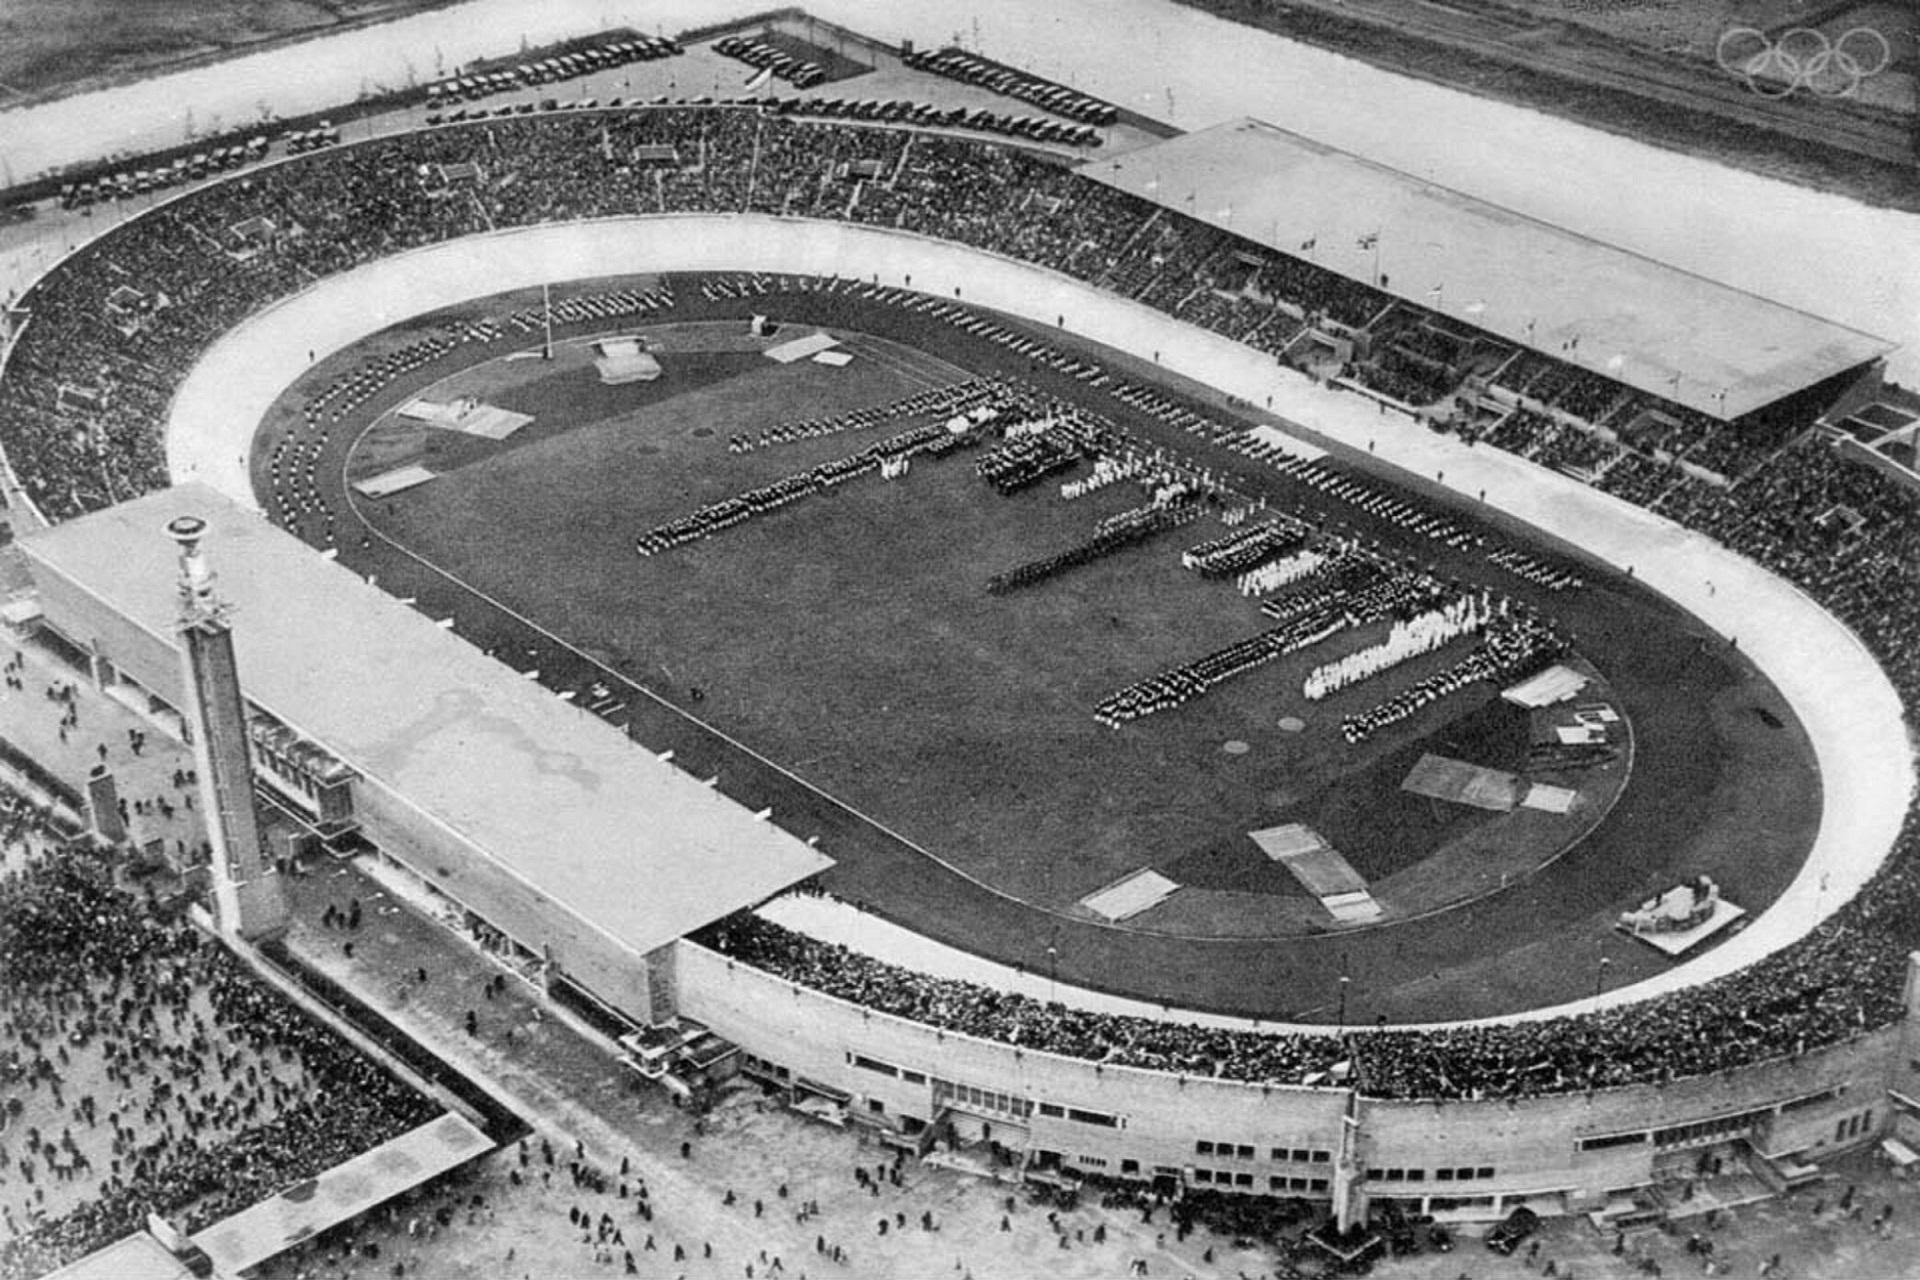 Estádio Olímpico de Amesterdão (1928).